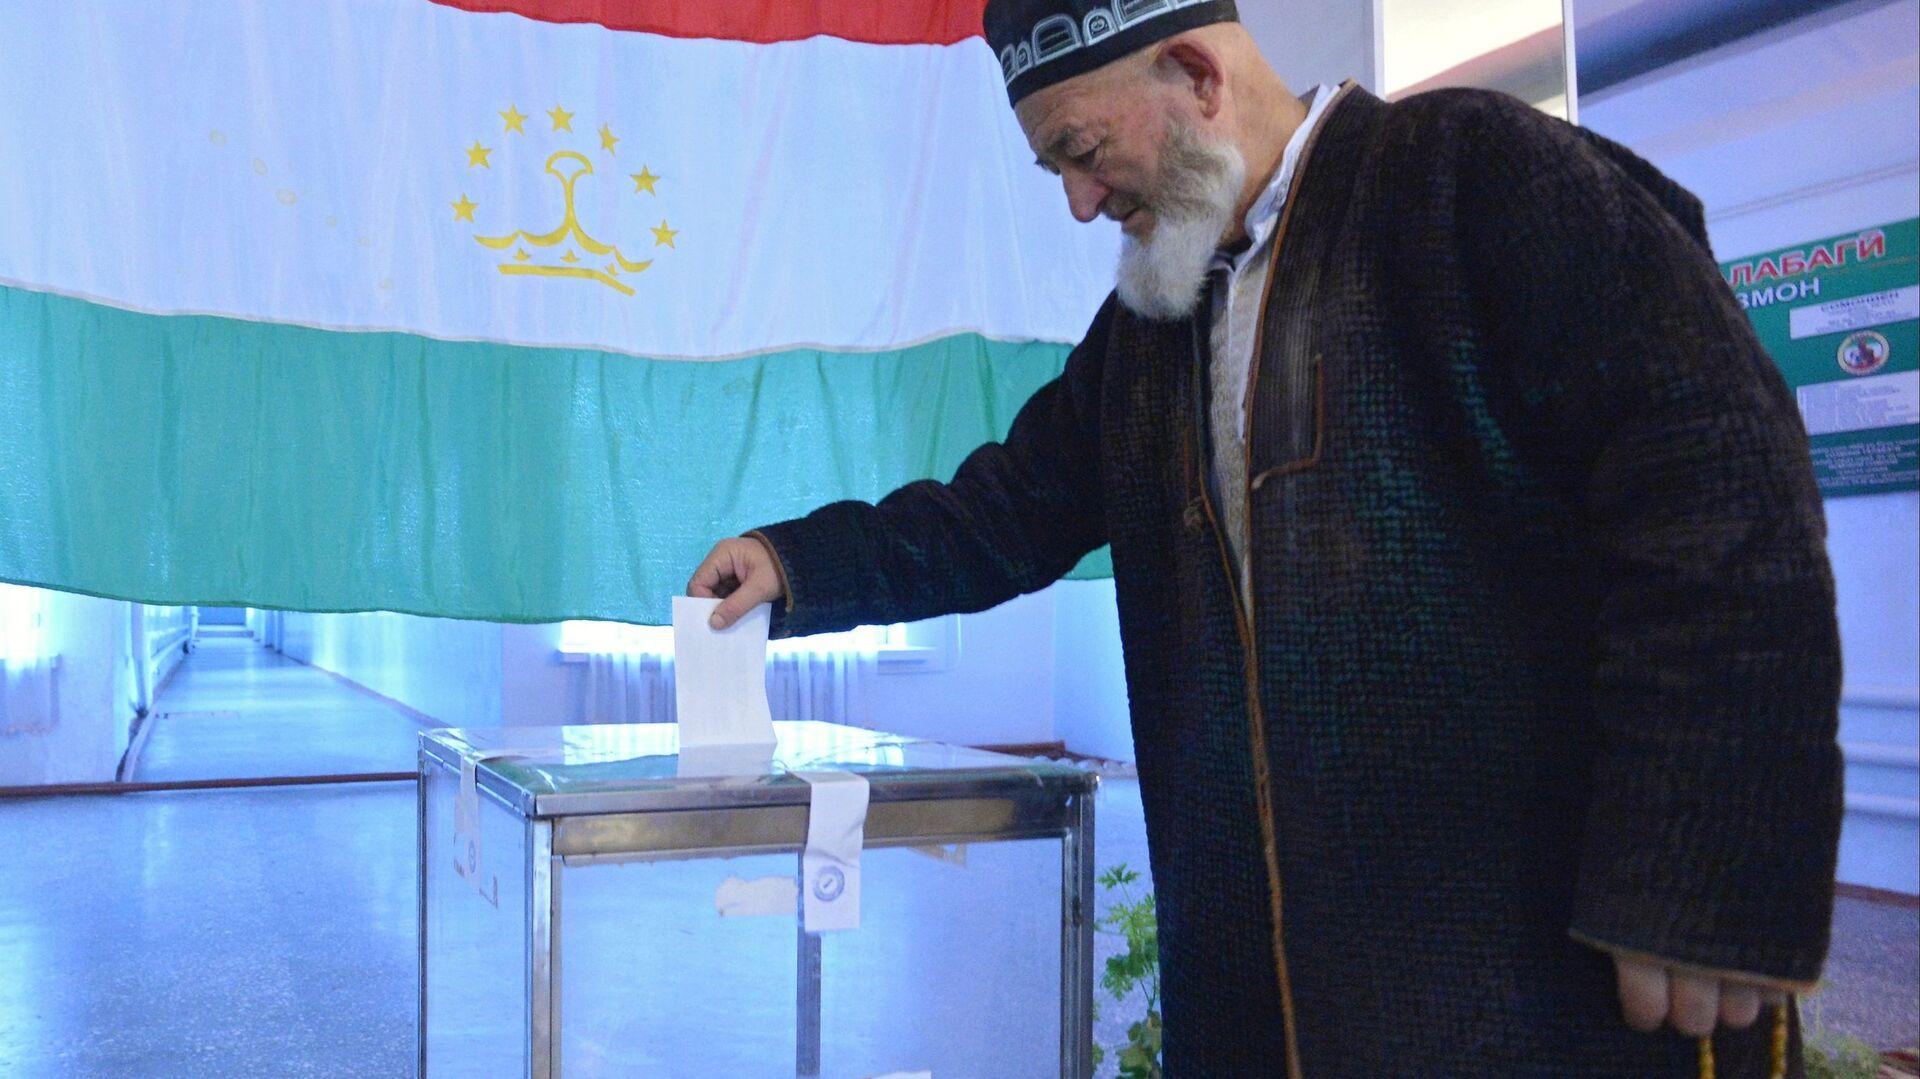 Выборы президента Таджикистана - РИА Новости, 1920, 11.10.2020